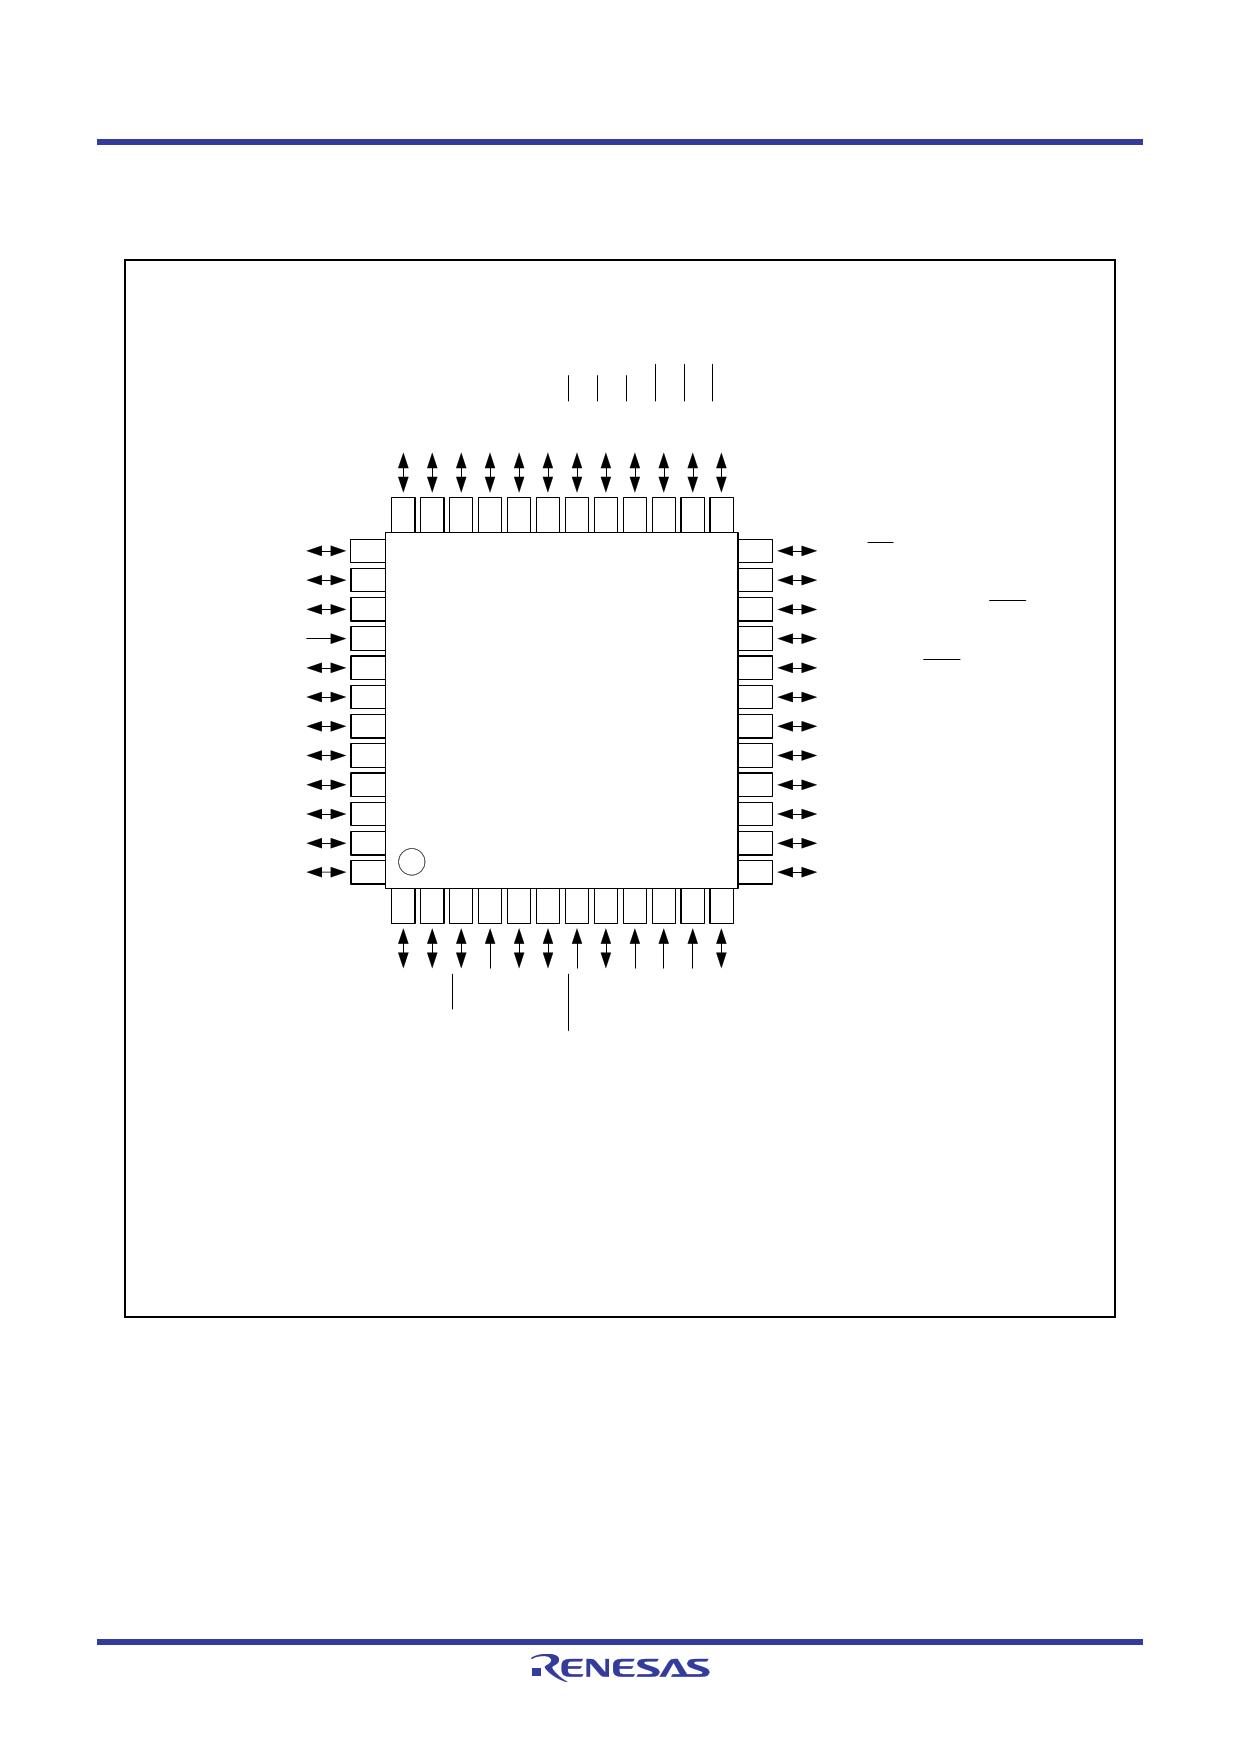 R5F21238JFP 전자부품, 판매, 대치품